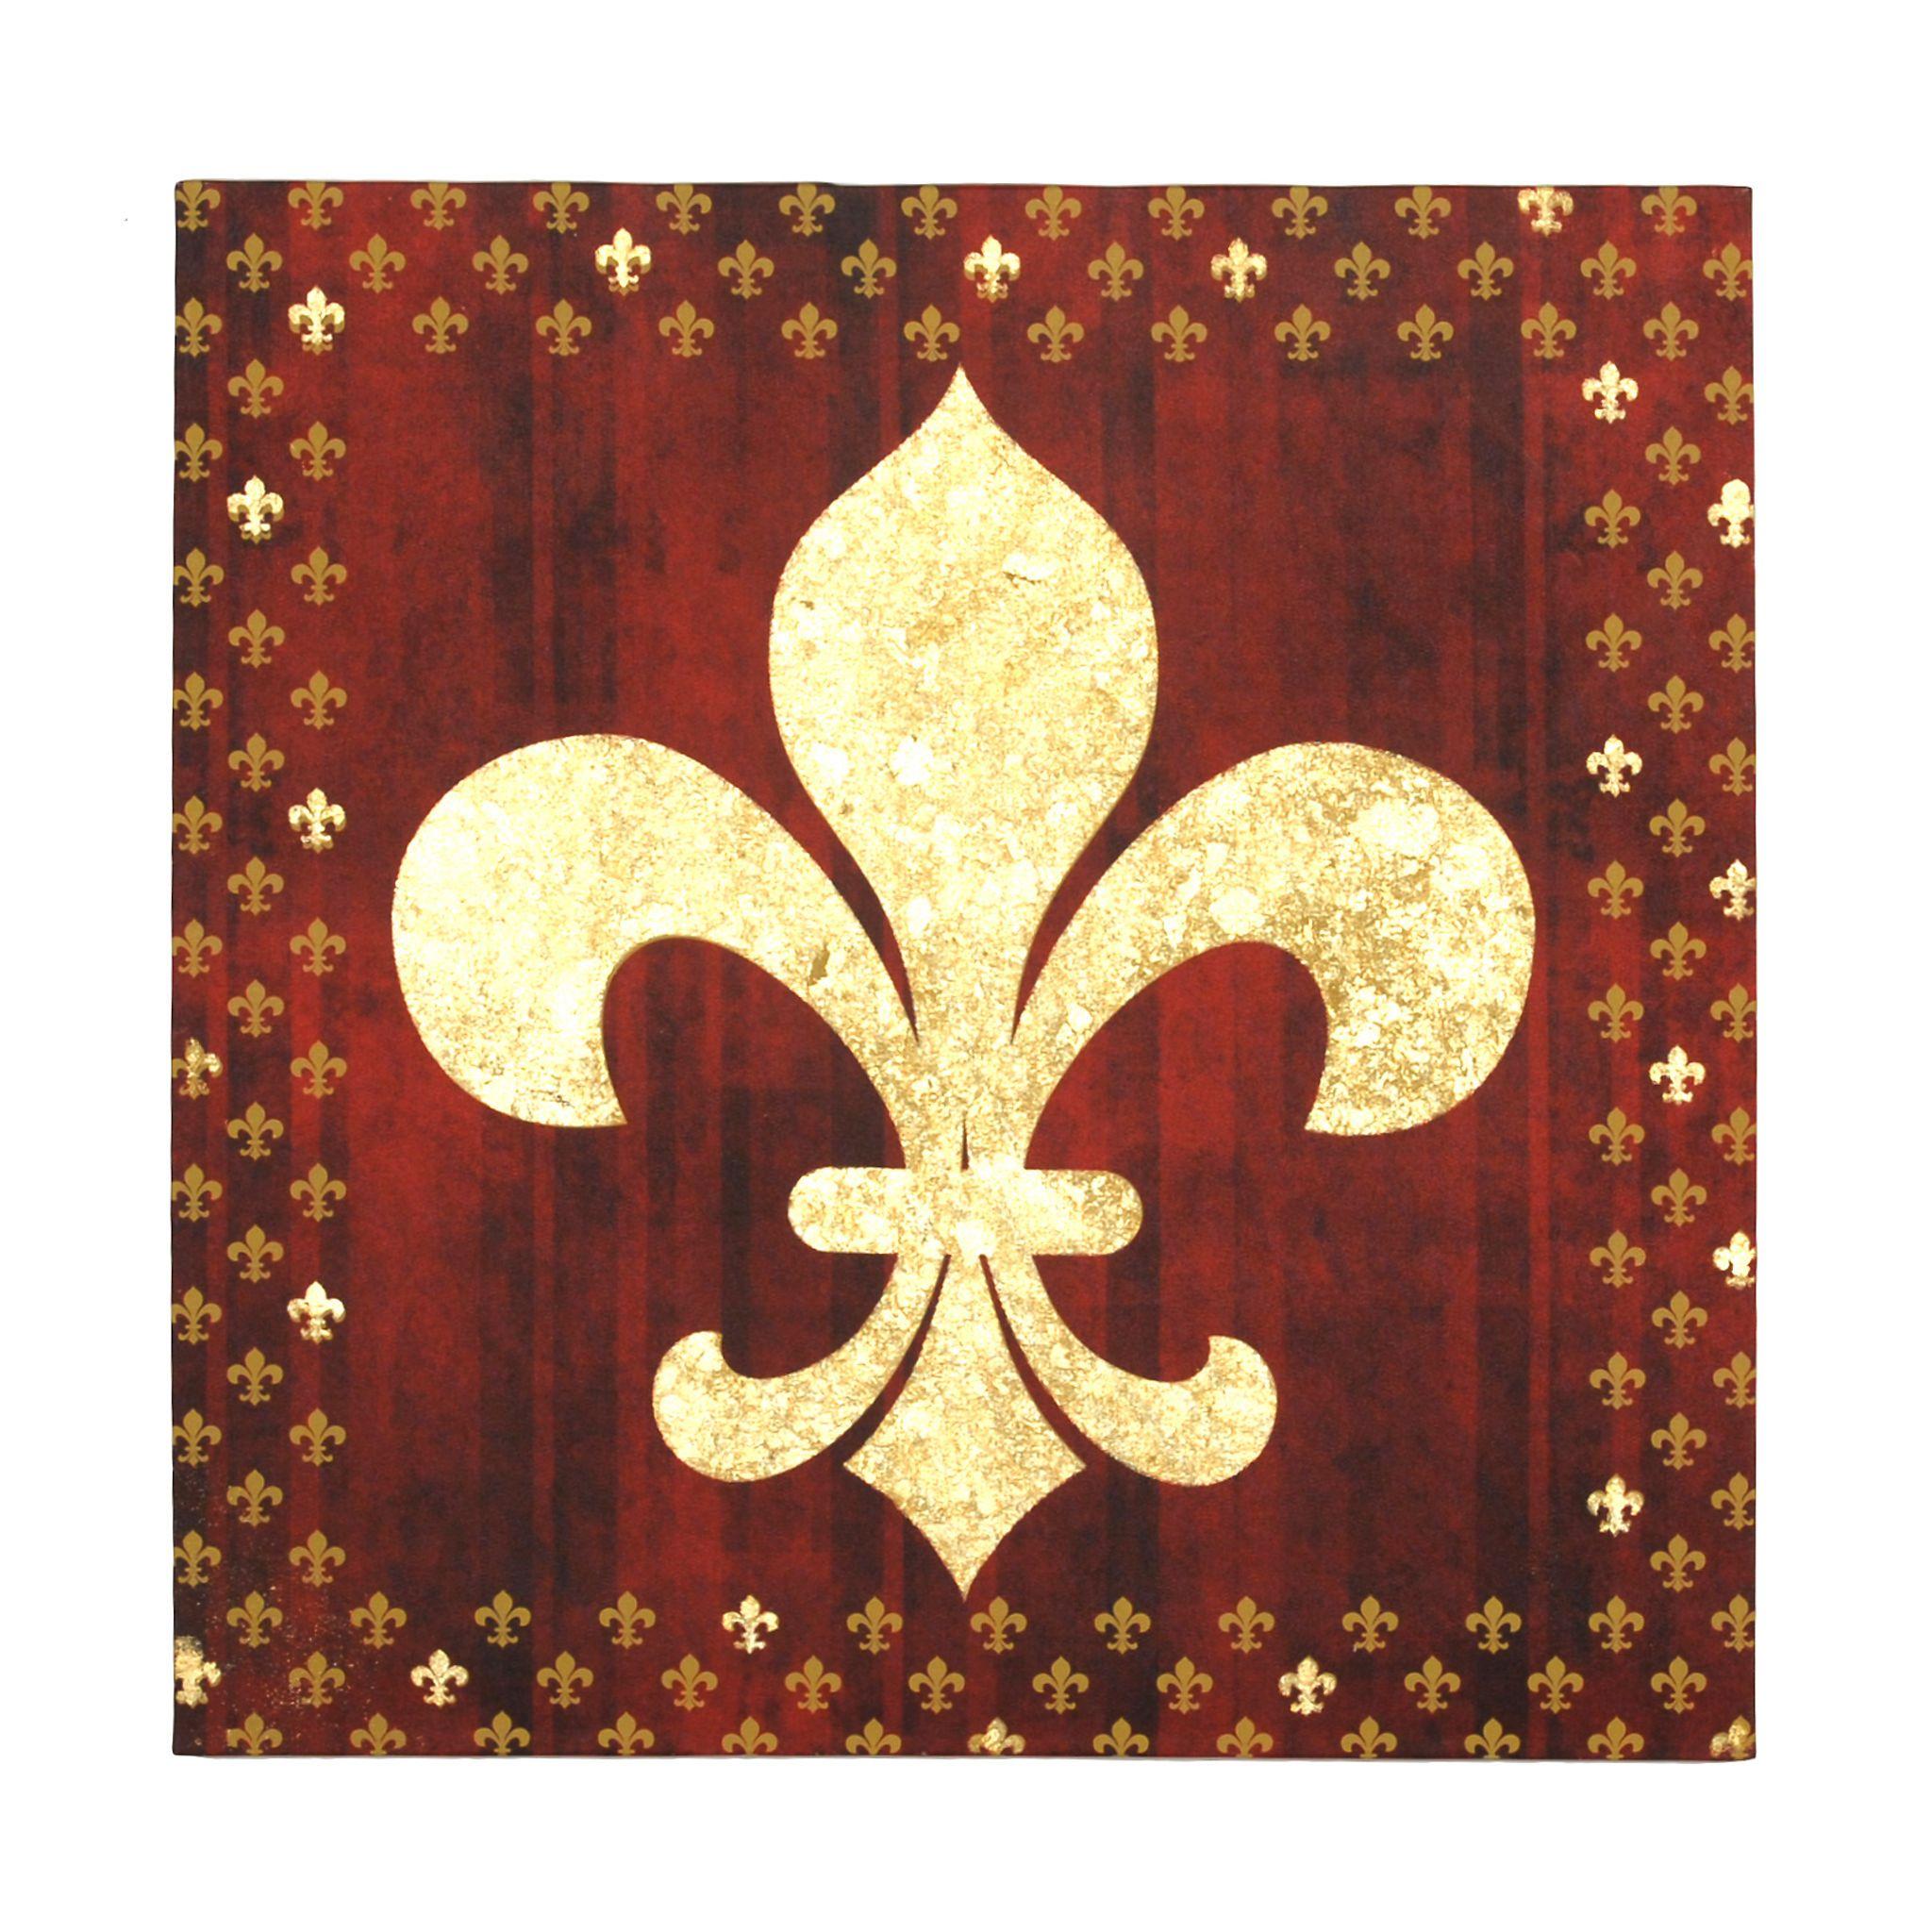 Red Foil Fleur-de-Lis Canvas Art Print | Pinterest | Canvases, Wall ...